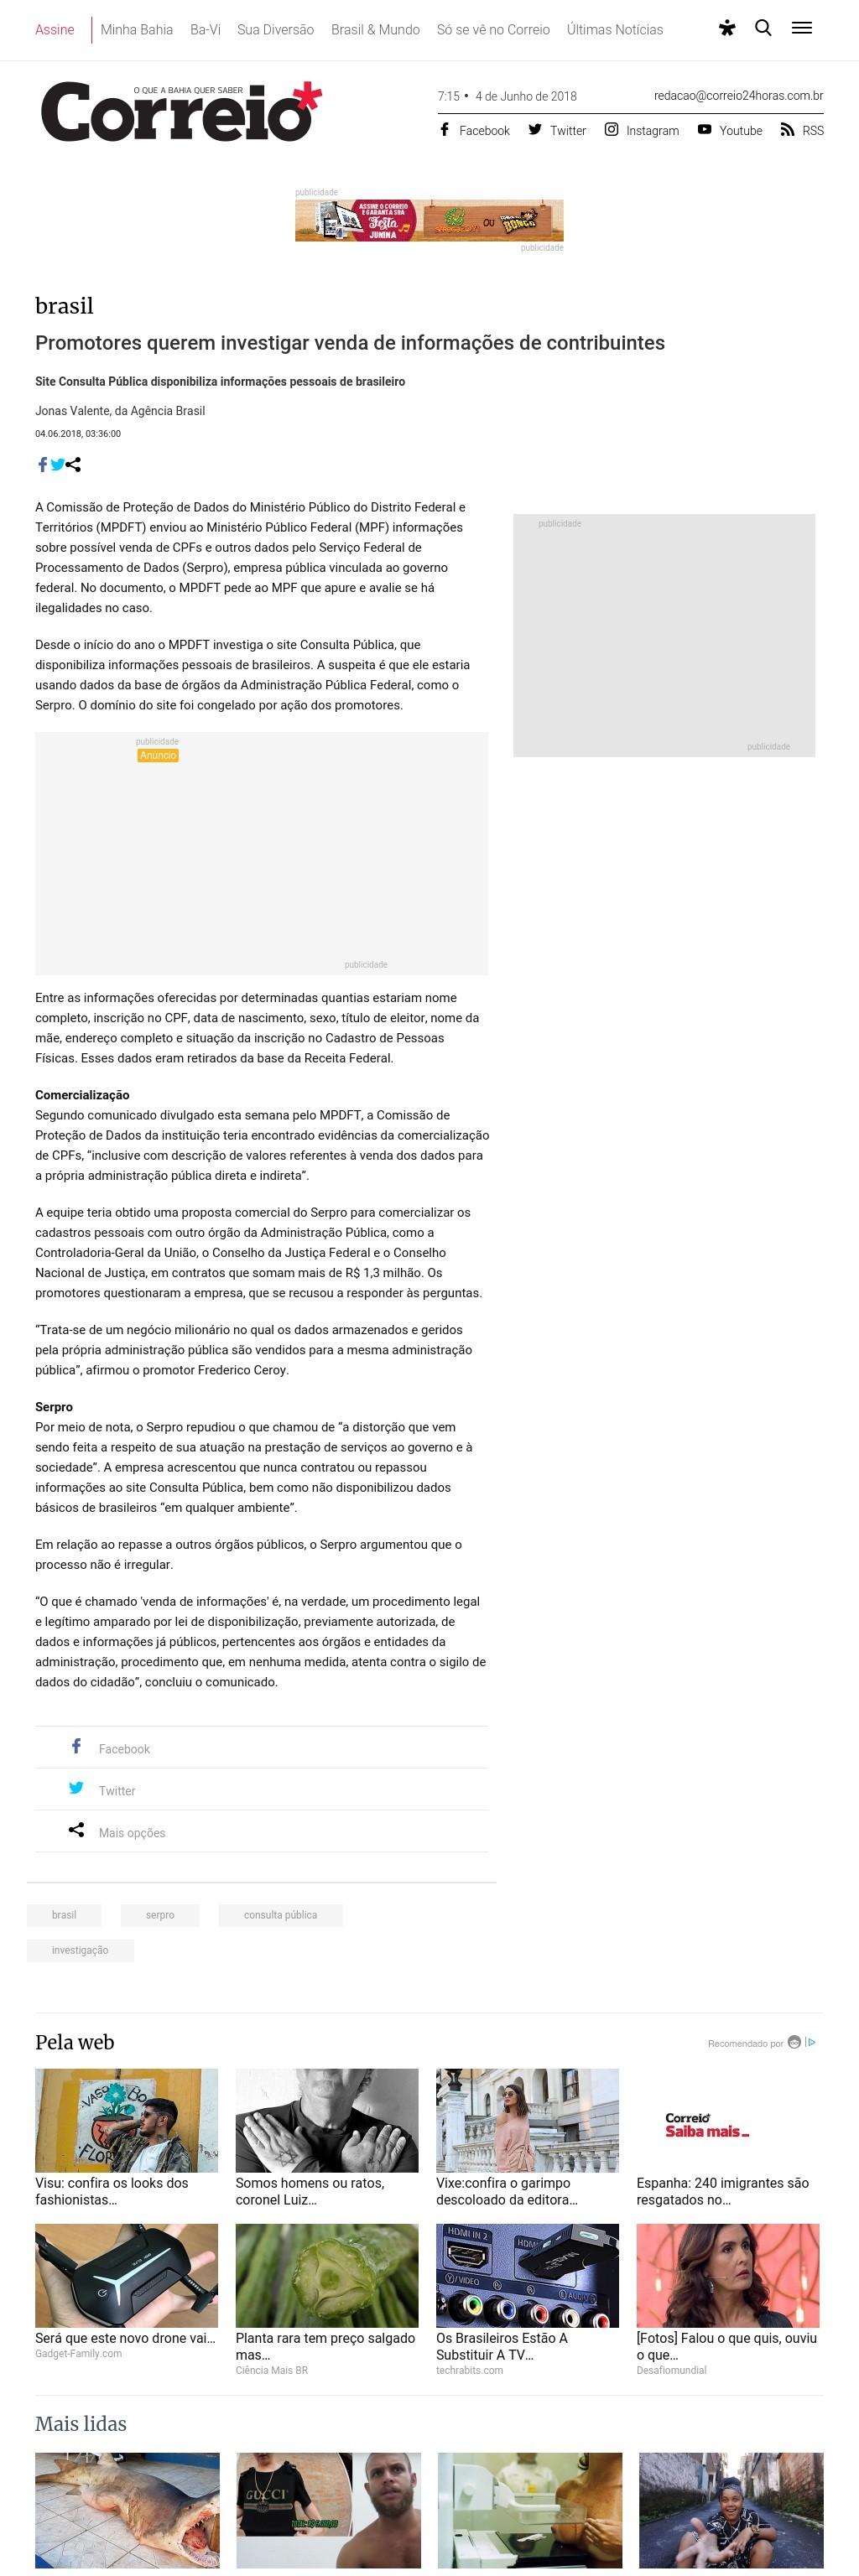 Calendario Escolar 2019 Exames Nacionais Más Reciente Junho 2018 Of Calendario Escolar 2019 Exames Nacionais Más Populares Agrupamento De Escolas De Arga E Lima